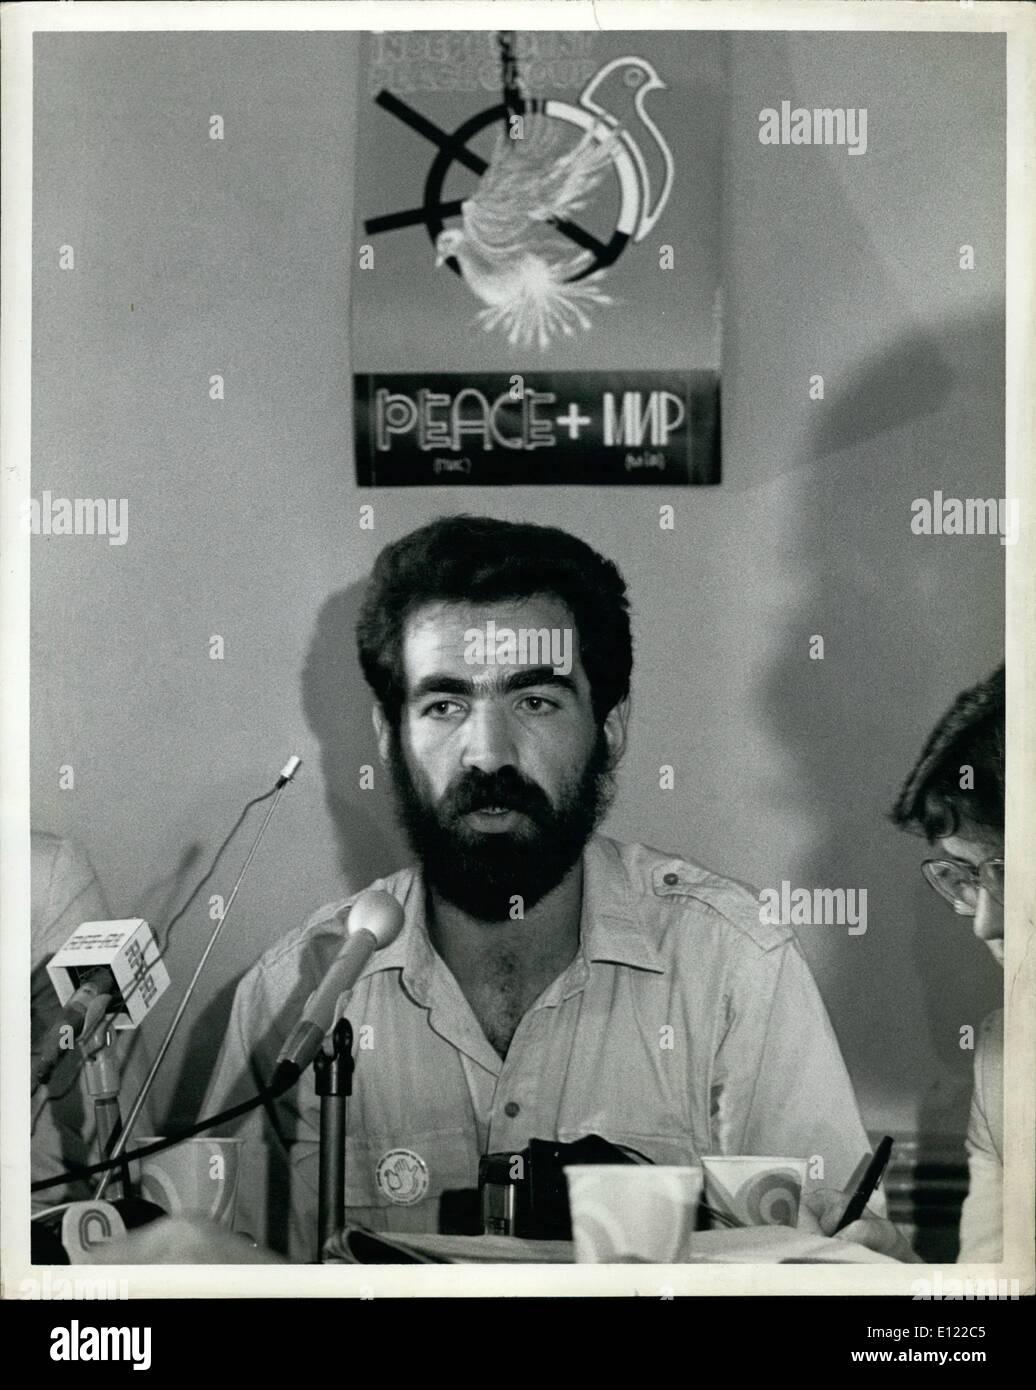 6. Juni 1983 - Donnerstag, 30. Juni 1983, New York City: Eines der Foundres der unabhängigen sowjetischen Friedensgruppe, Sergie Batovrin Pressekonferenz erste heute seit seiner Ankunft aus der Sowjetunion. Herr Batovrin, die halfen, die '' Gruppe zum Vertrauensaufbau zwischen der UdSSR und den USA'' gefunden wurde für einen Monat im Krankenhaus Psycho Nuerological #114 in Moskau letztes Jahr inhaftiert und wurde ständig belästigt von den sowjetischen Behörden bis zu seinem erzwungenen Vertreibung am 19. Juni dieses year.Mr. Batorvin, ein Künstler, gesellte sich auf der Prress-Konferenz mit einem anderen Gründer der Gruppe Herr Stockbild